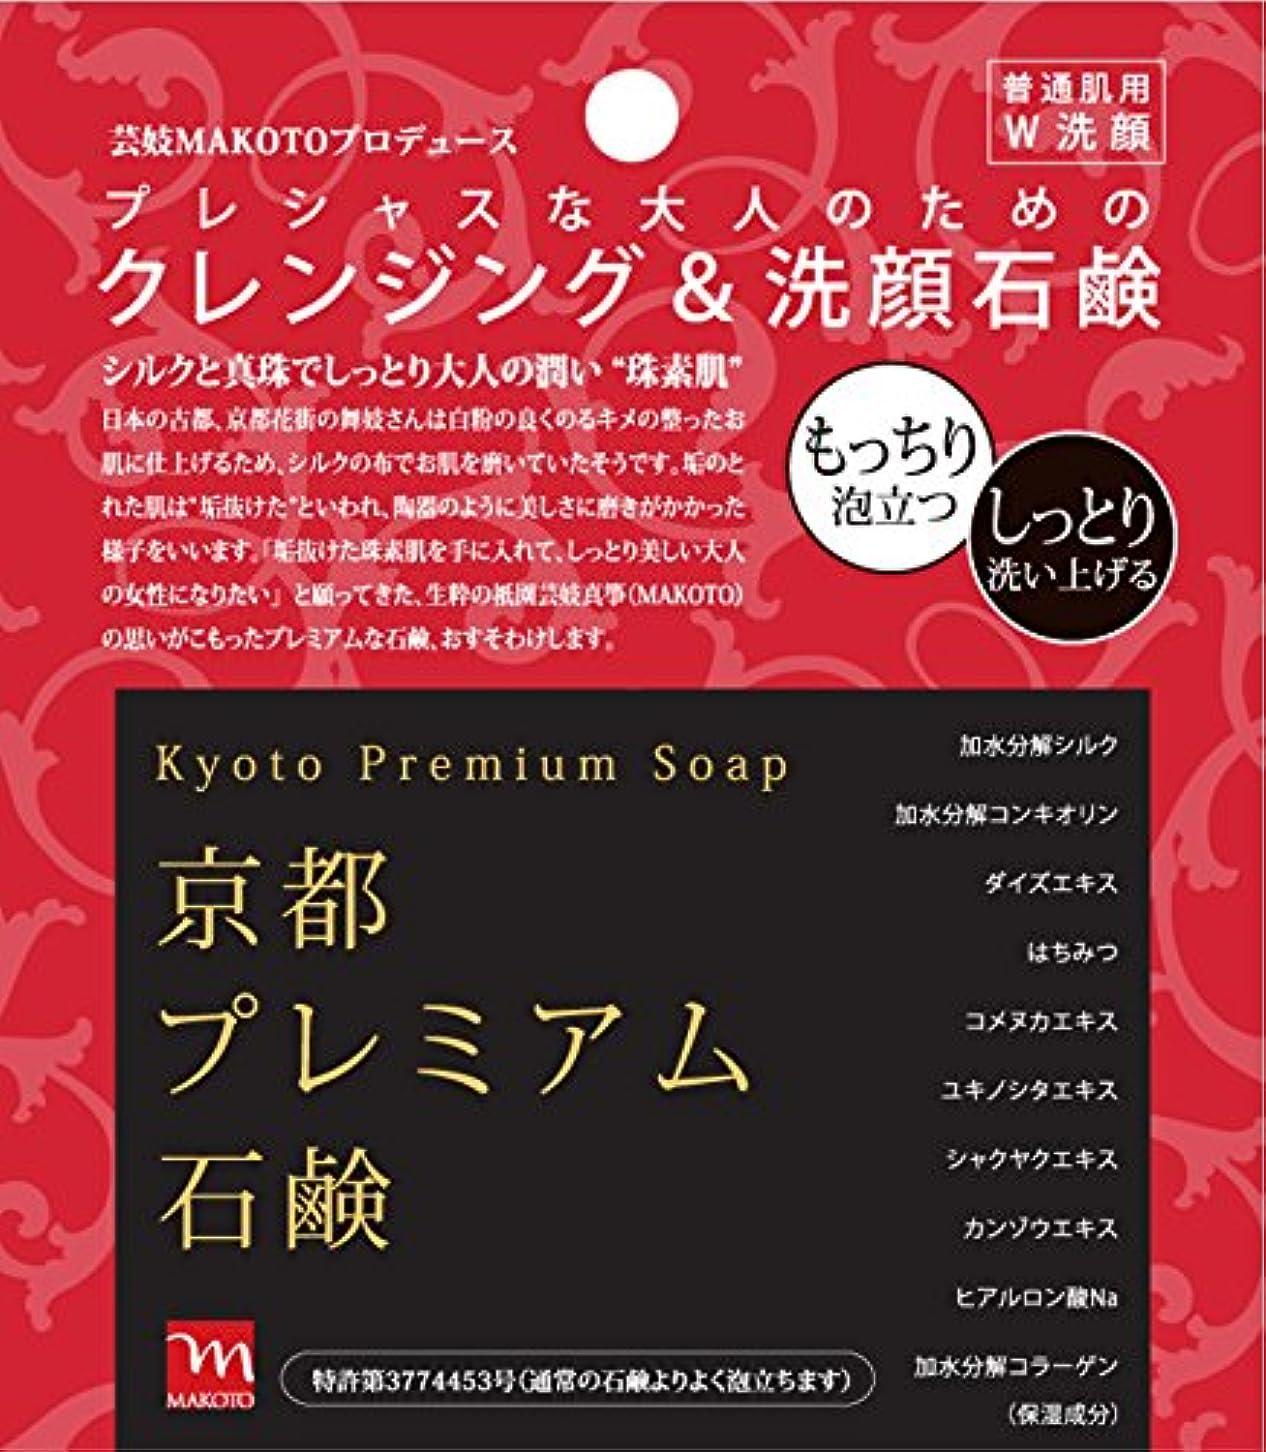 更新するファブリック暖かく京都プレミアム石鹸 クレンジング&洗顔石鹸 しっとり もっちり 芸妓さん監修